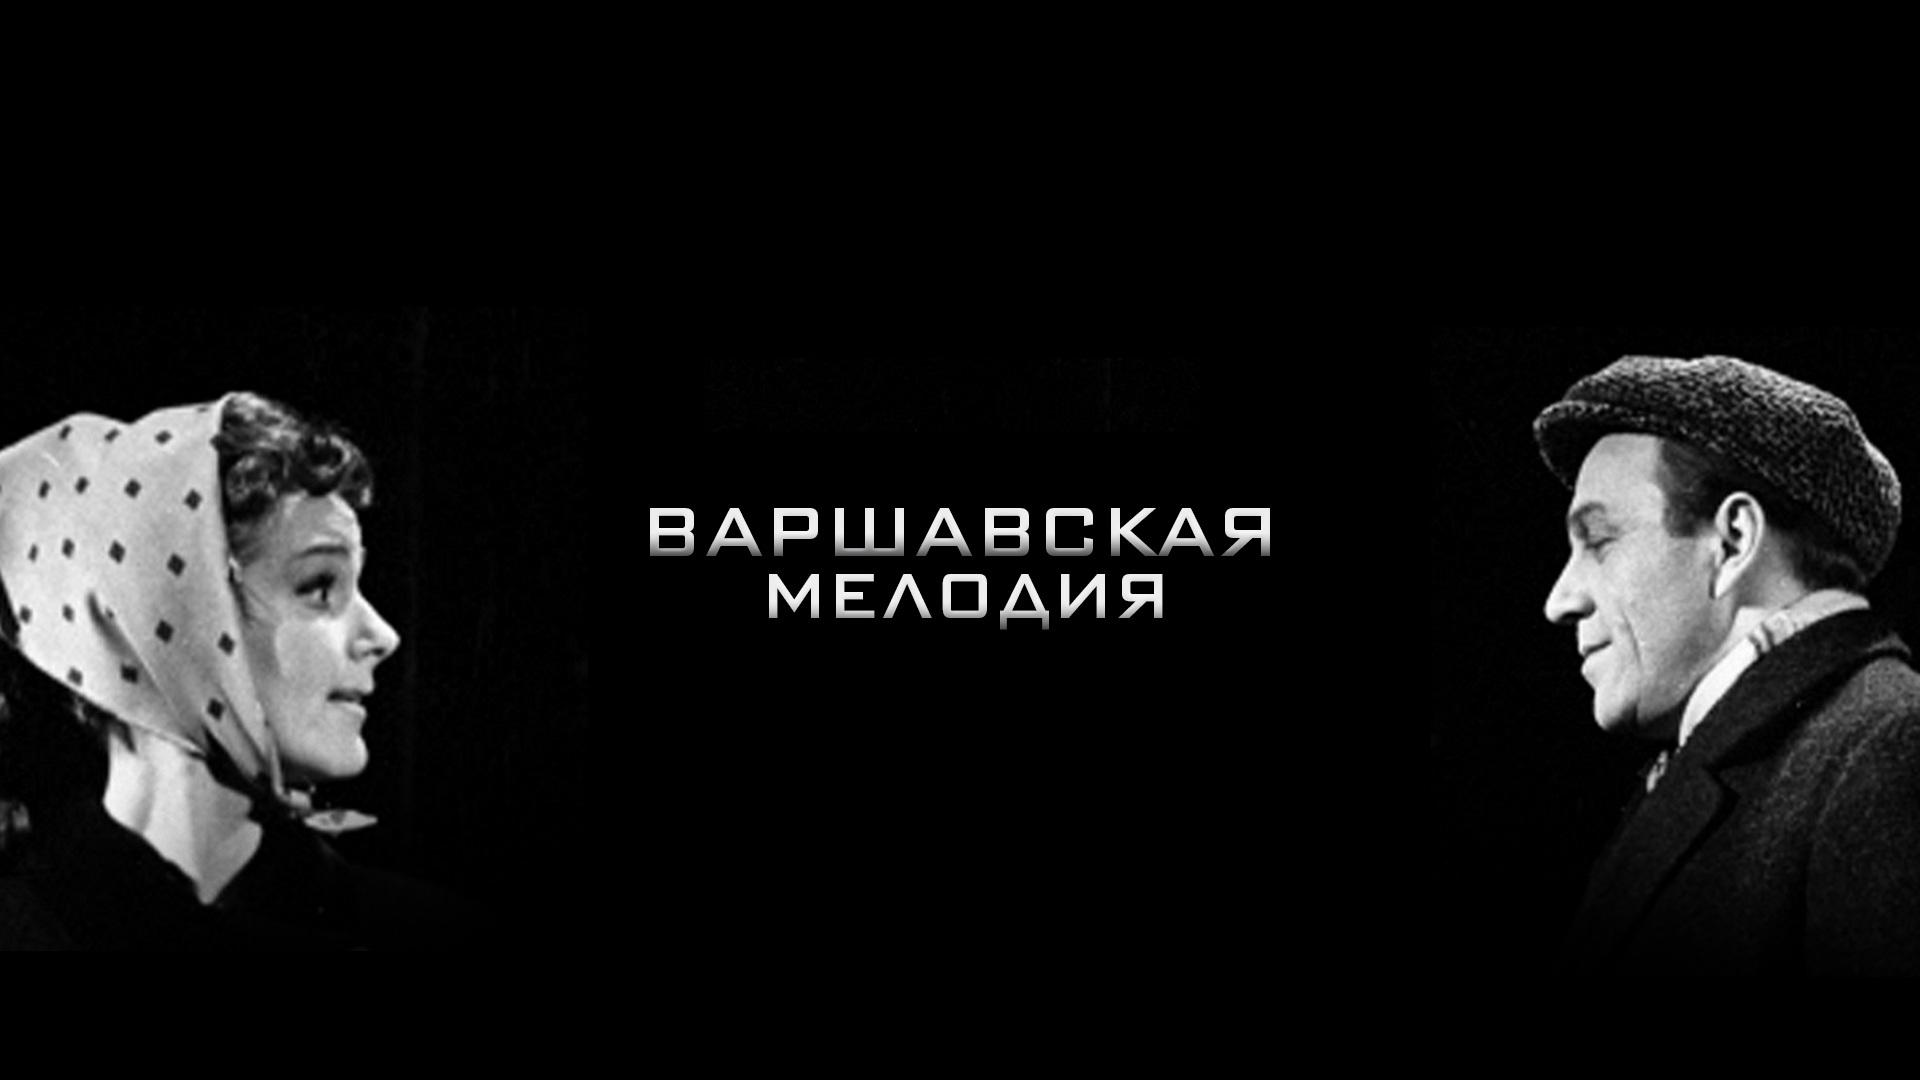 Варшавская мелодия (Театр им. Е. Вахтангова)